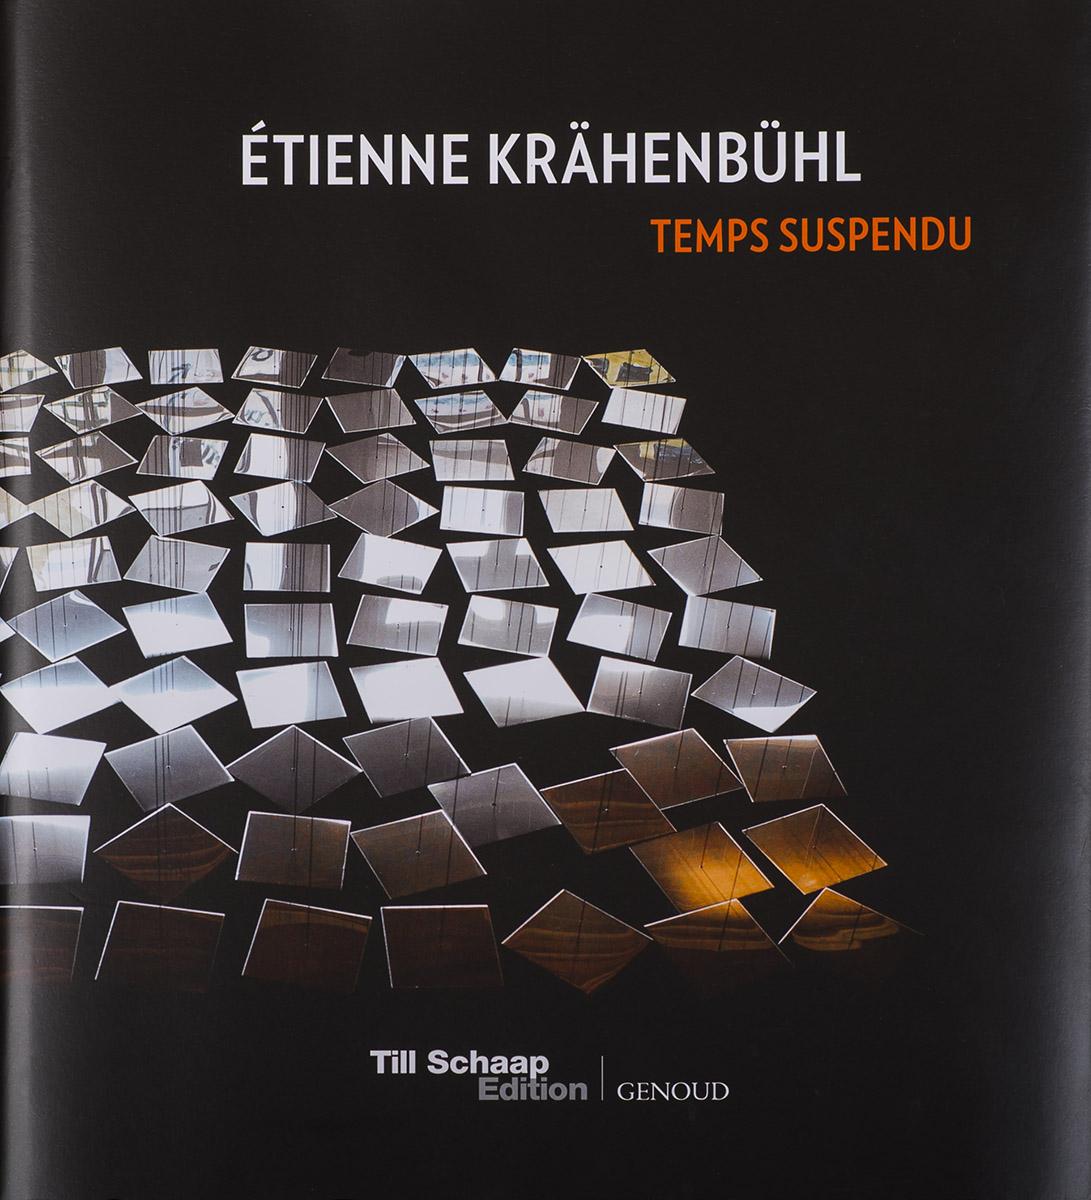 Couverture du livre d'Etienne Krähenbühl. © Thierry Porchet